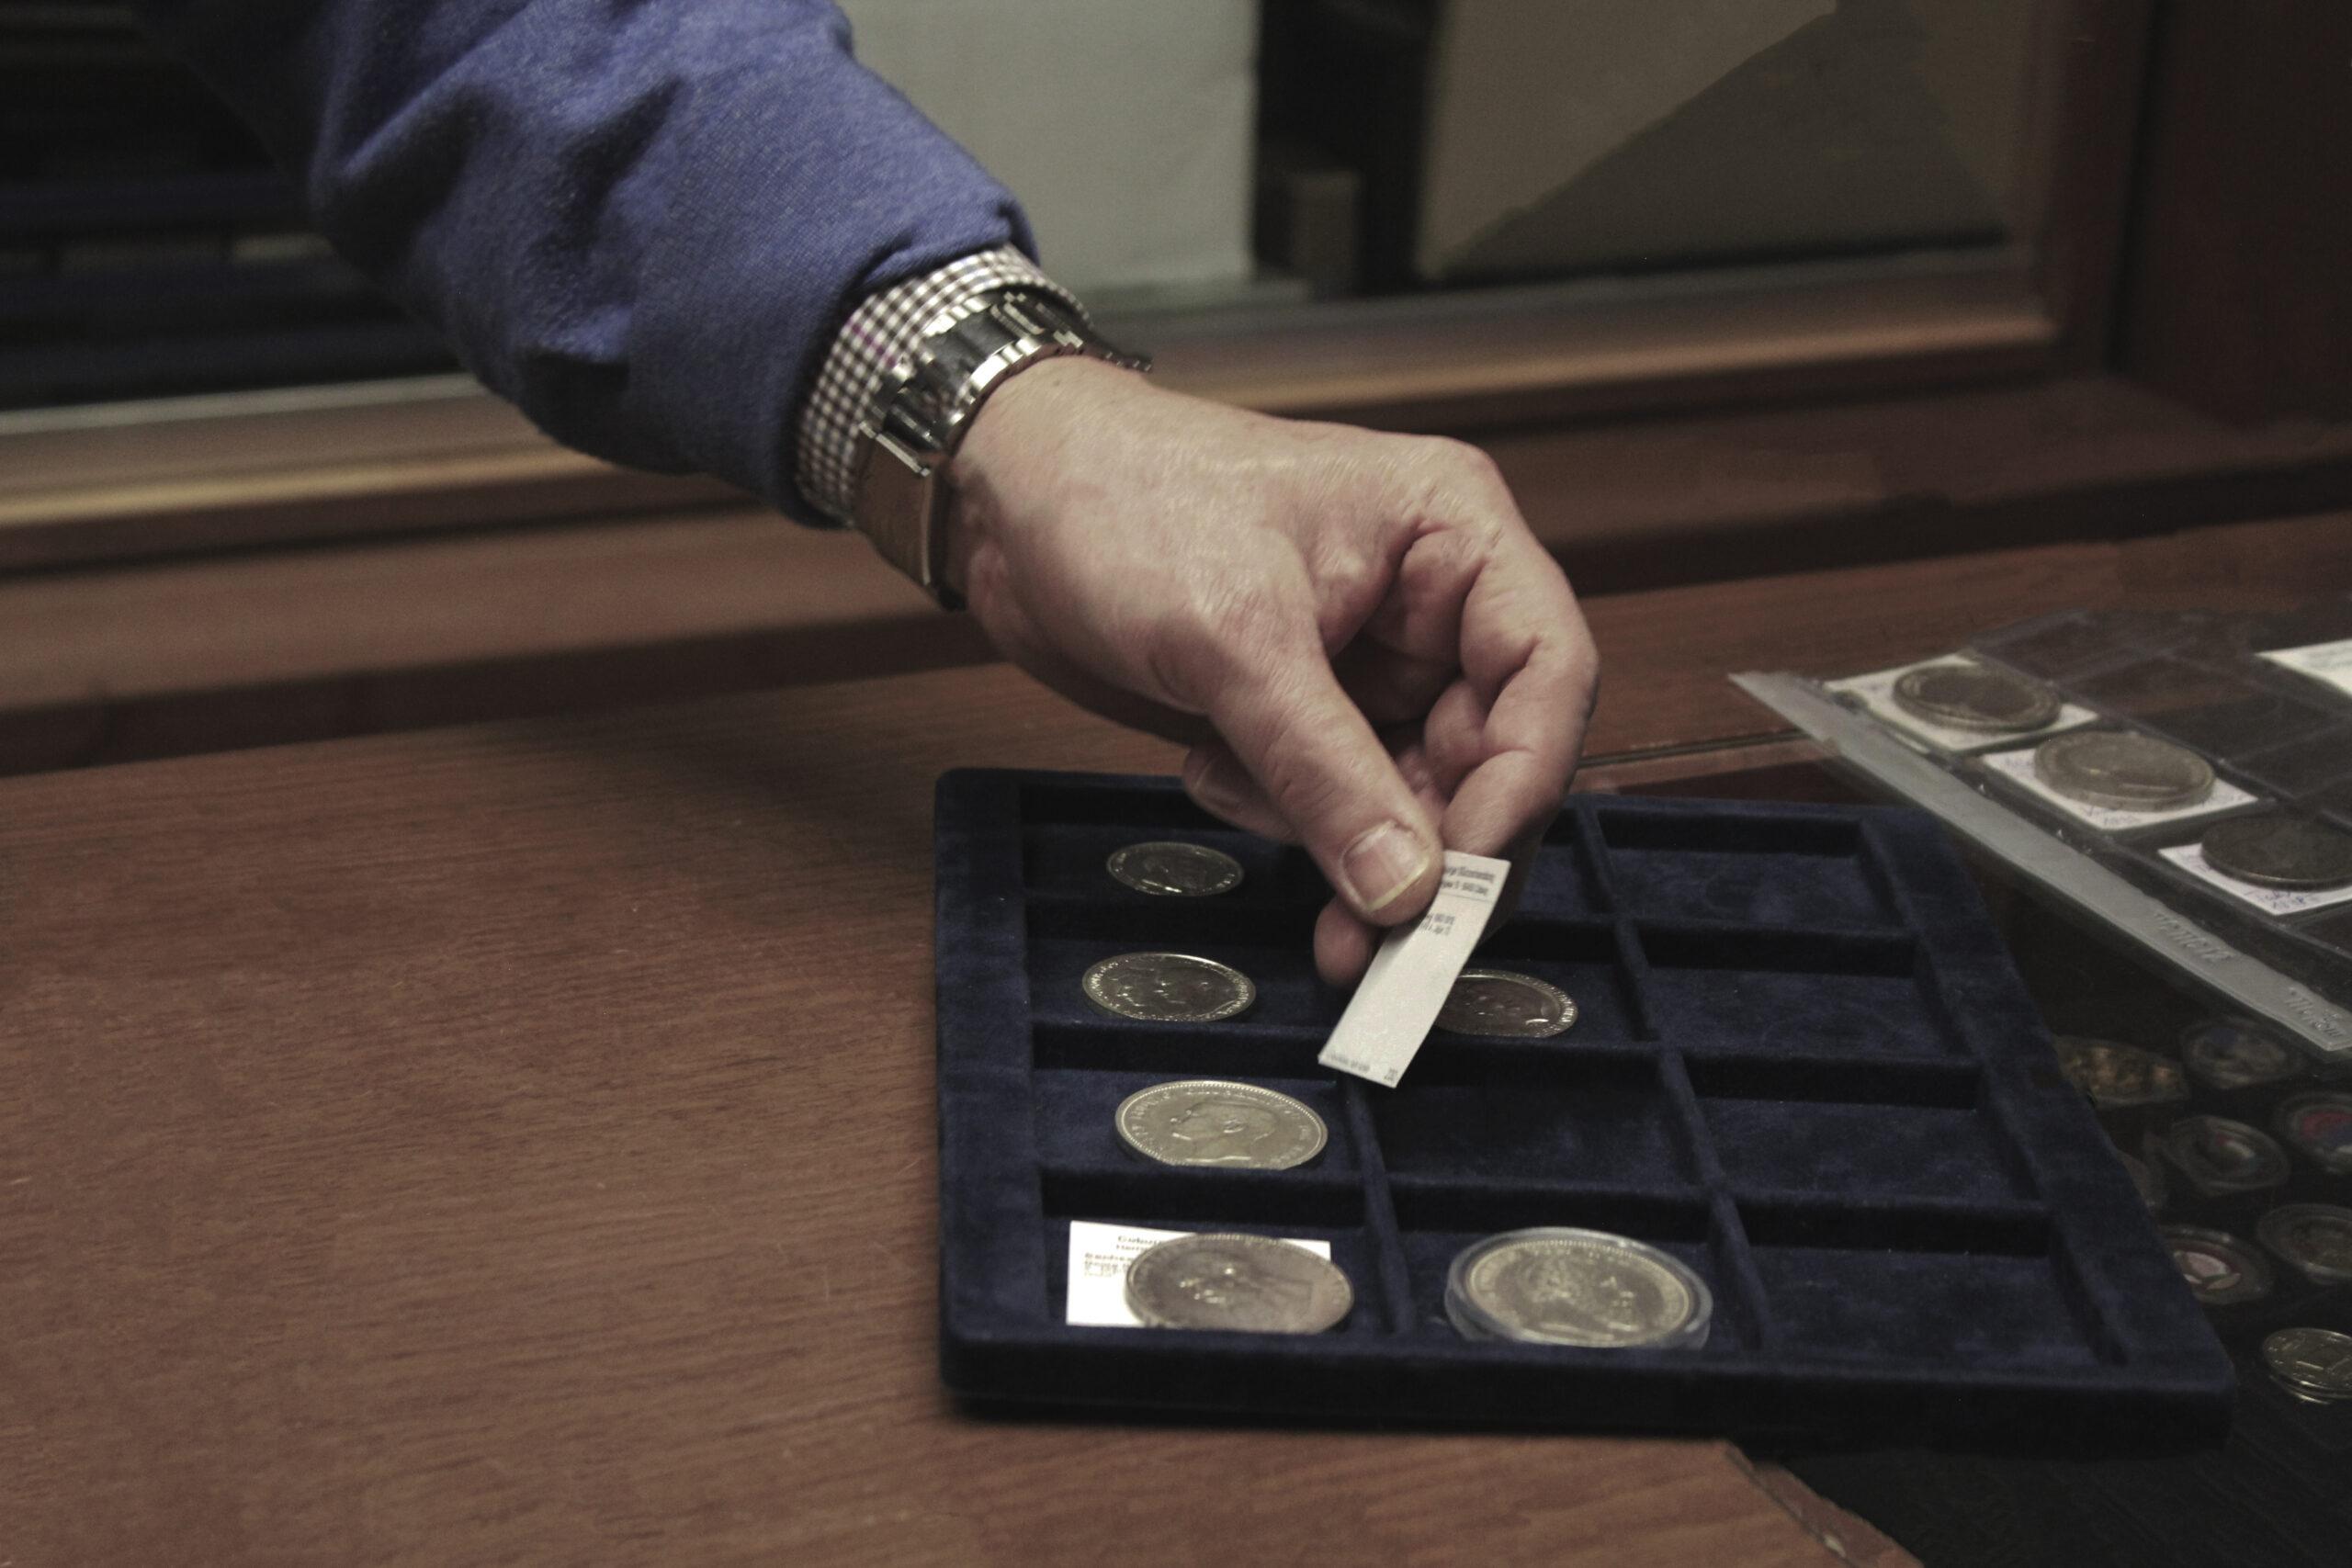 Münzen auf dem Tisch